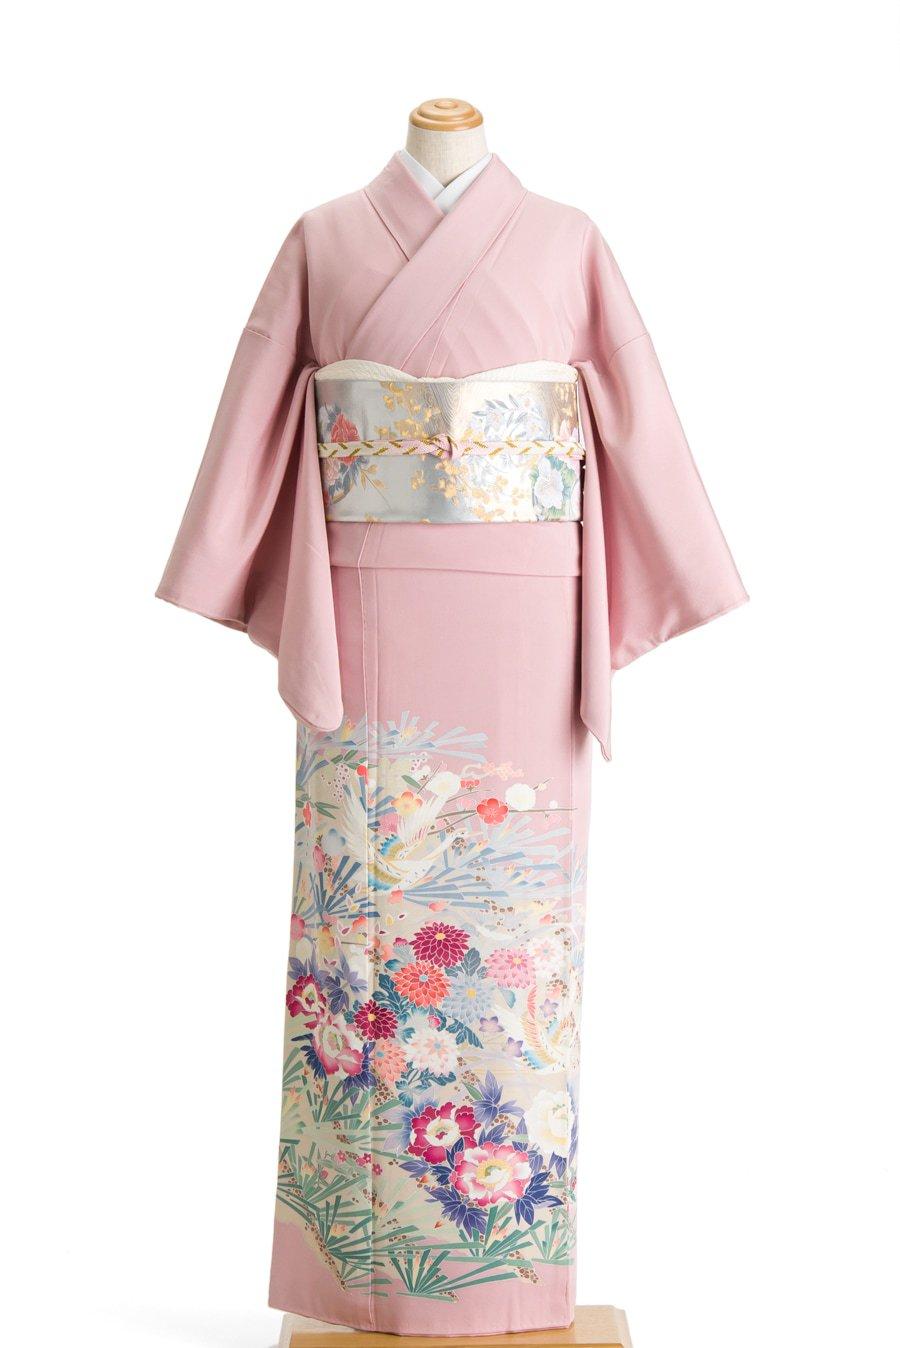 「色留袖 一つ紋 加賀調 鶴と花 作家物」の商品画像